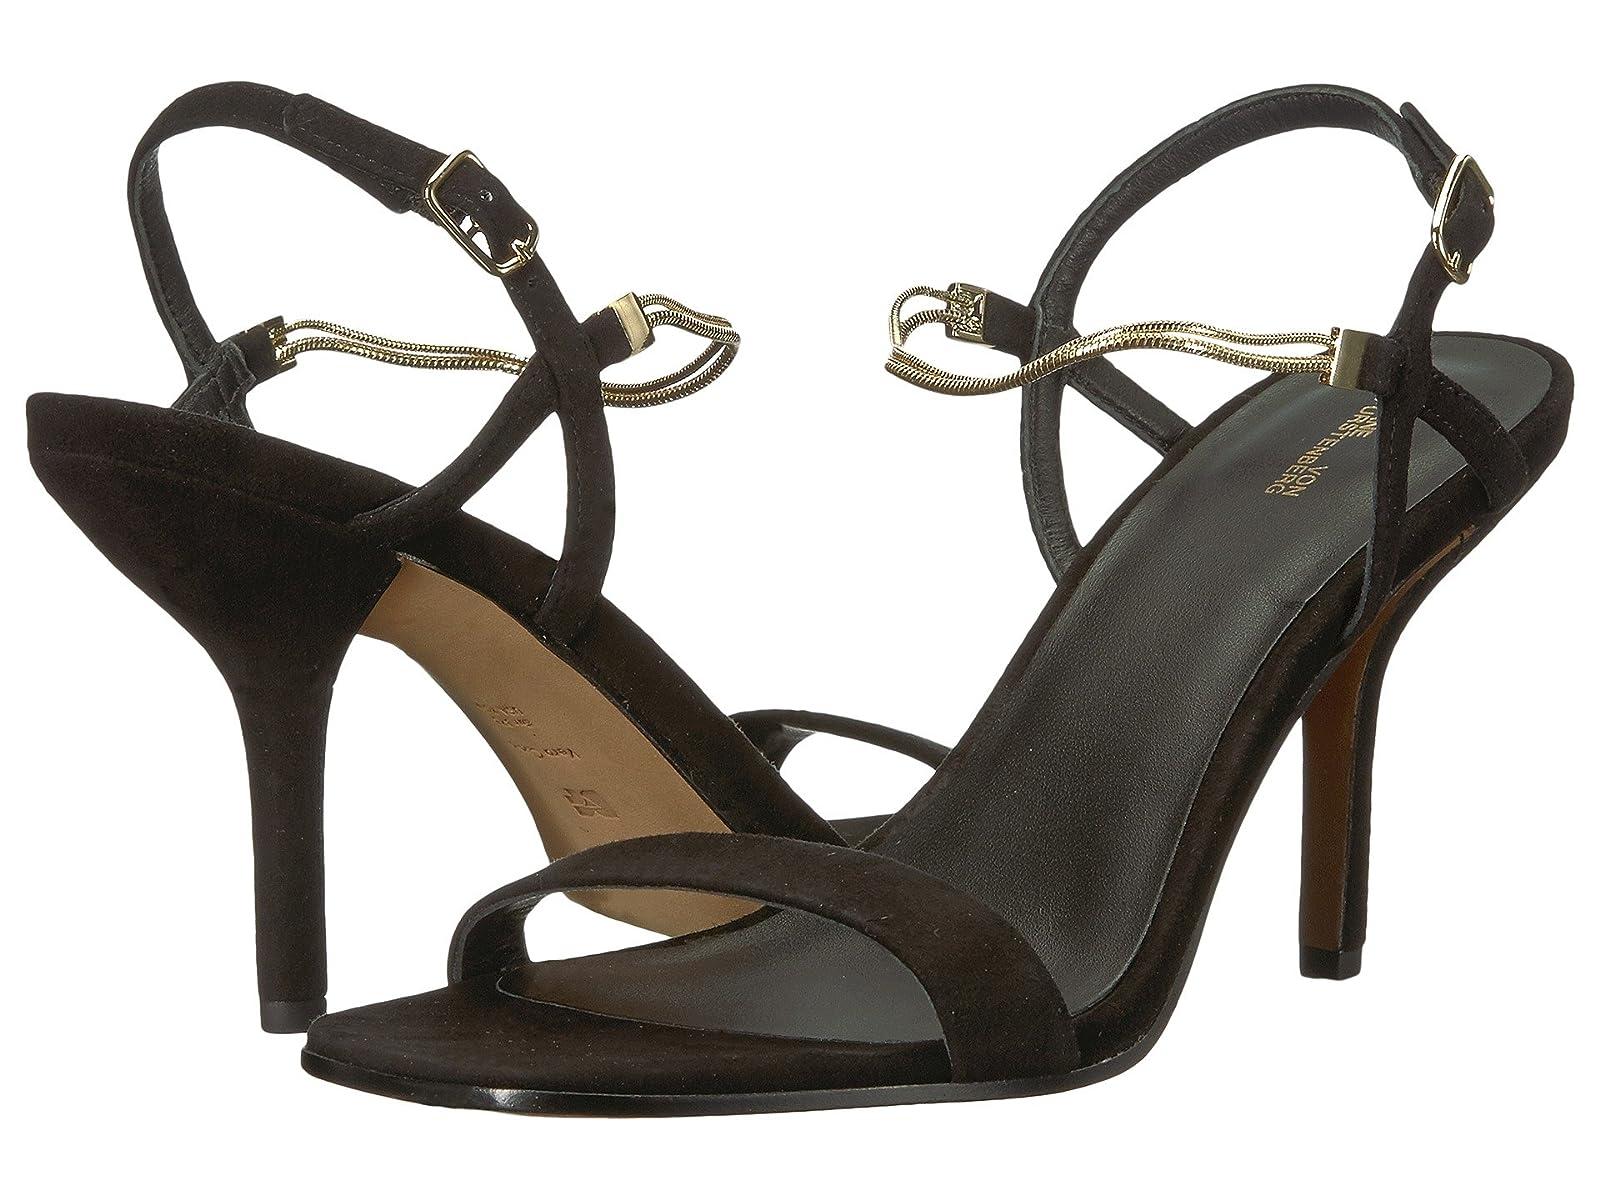 Diane von Furstenberg FrankieAtmospheric grades have affordable shoes